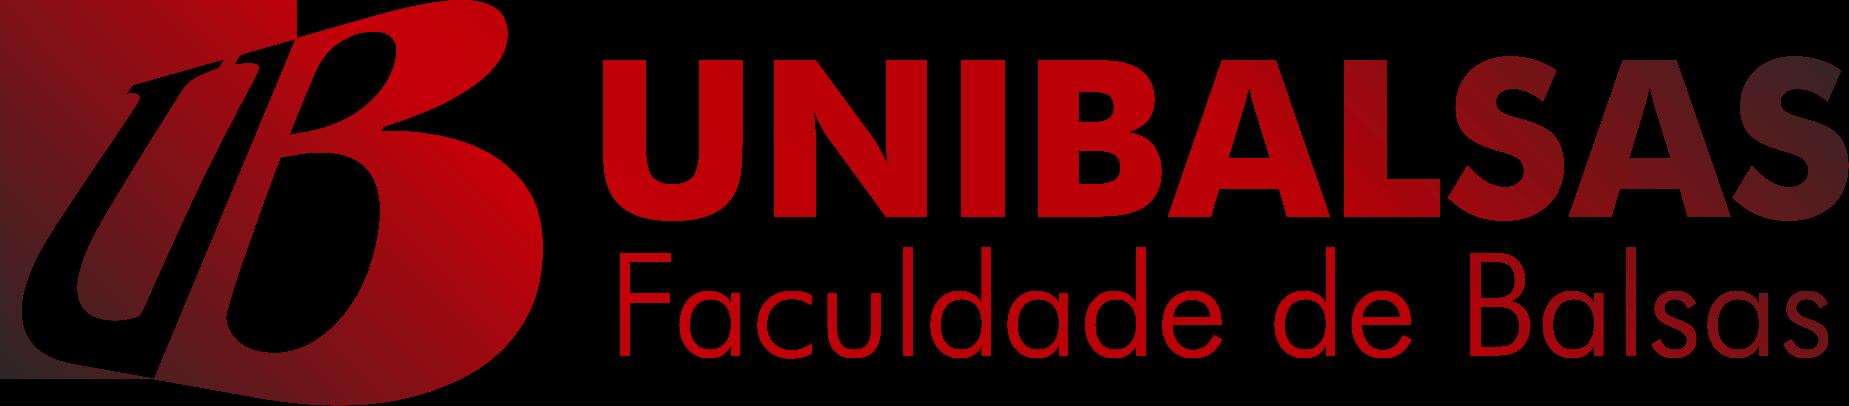 Unibalsas - Faculdade de Balsas-2